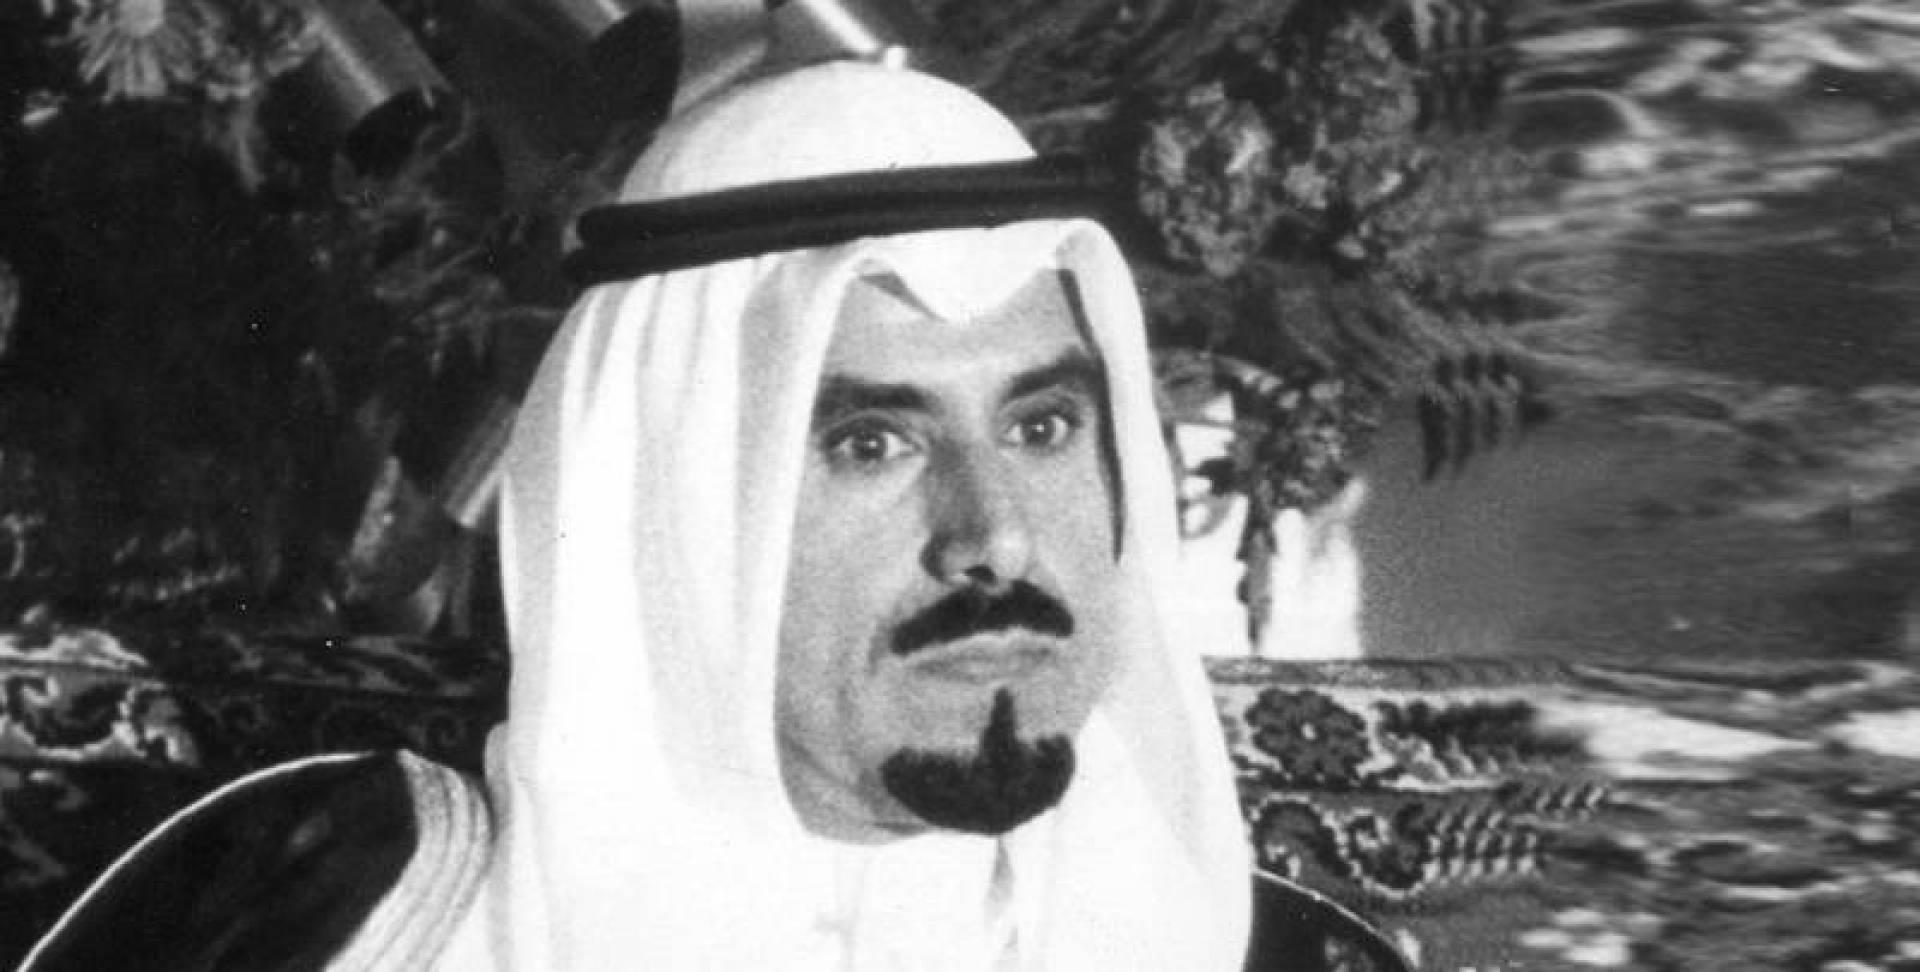 الشيخ جابر الأحمد الجابر الصباح.. صورة أرشيفية